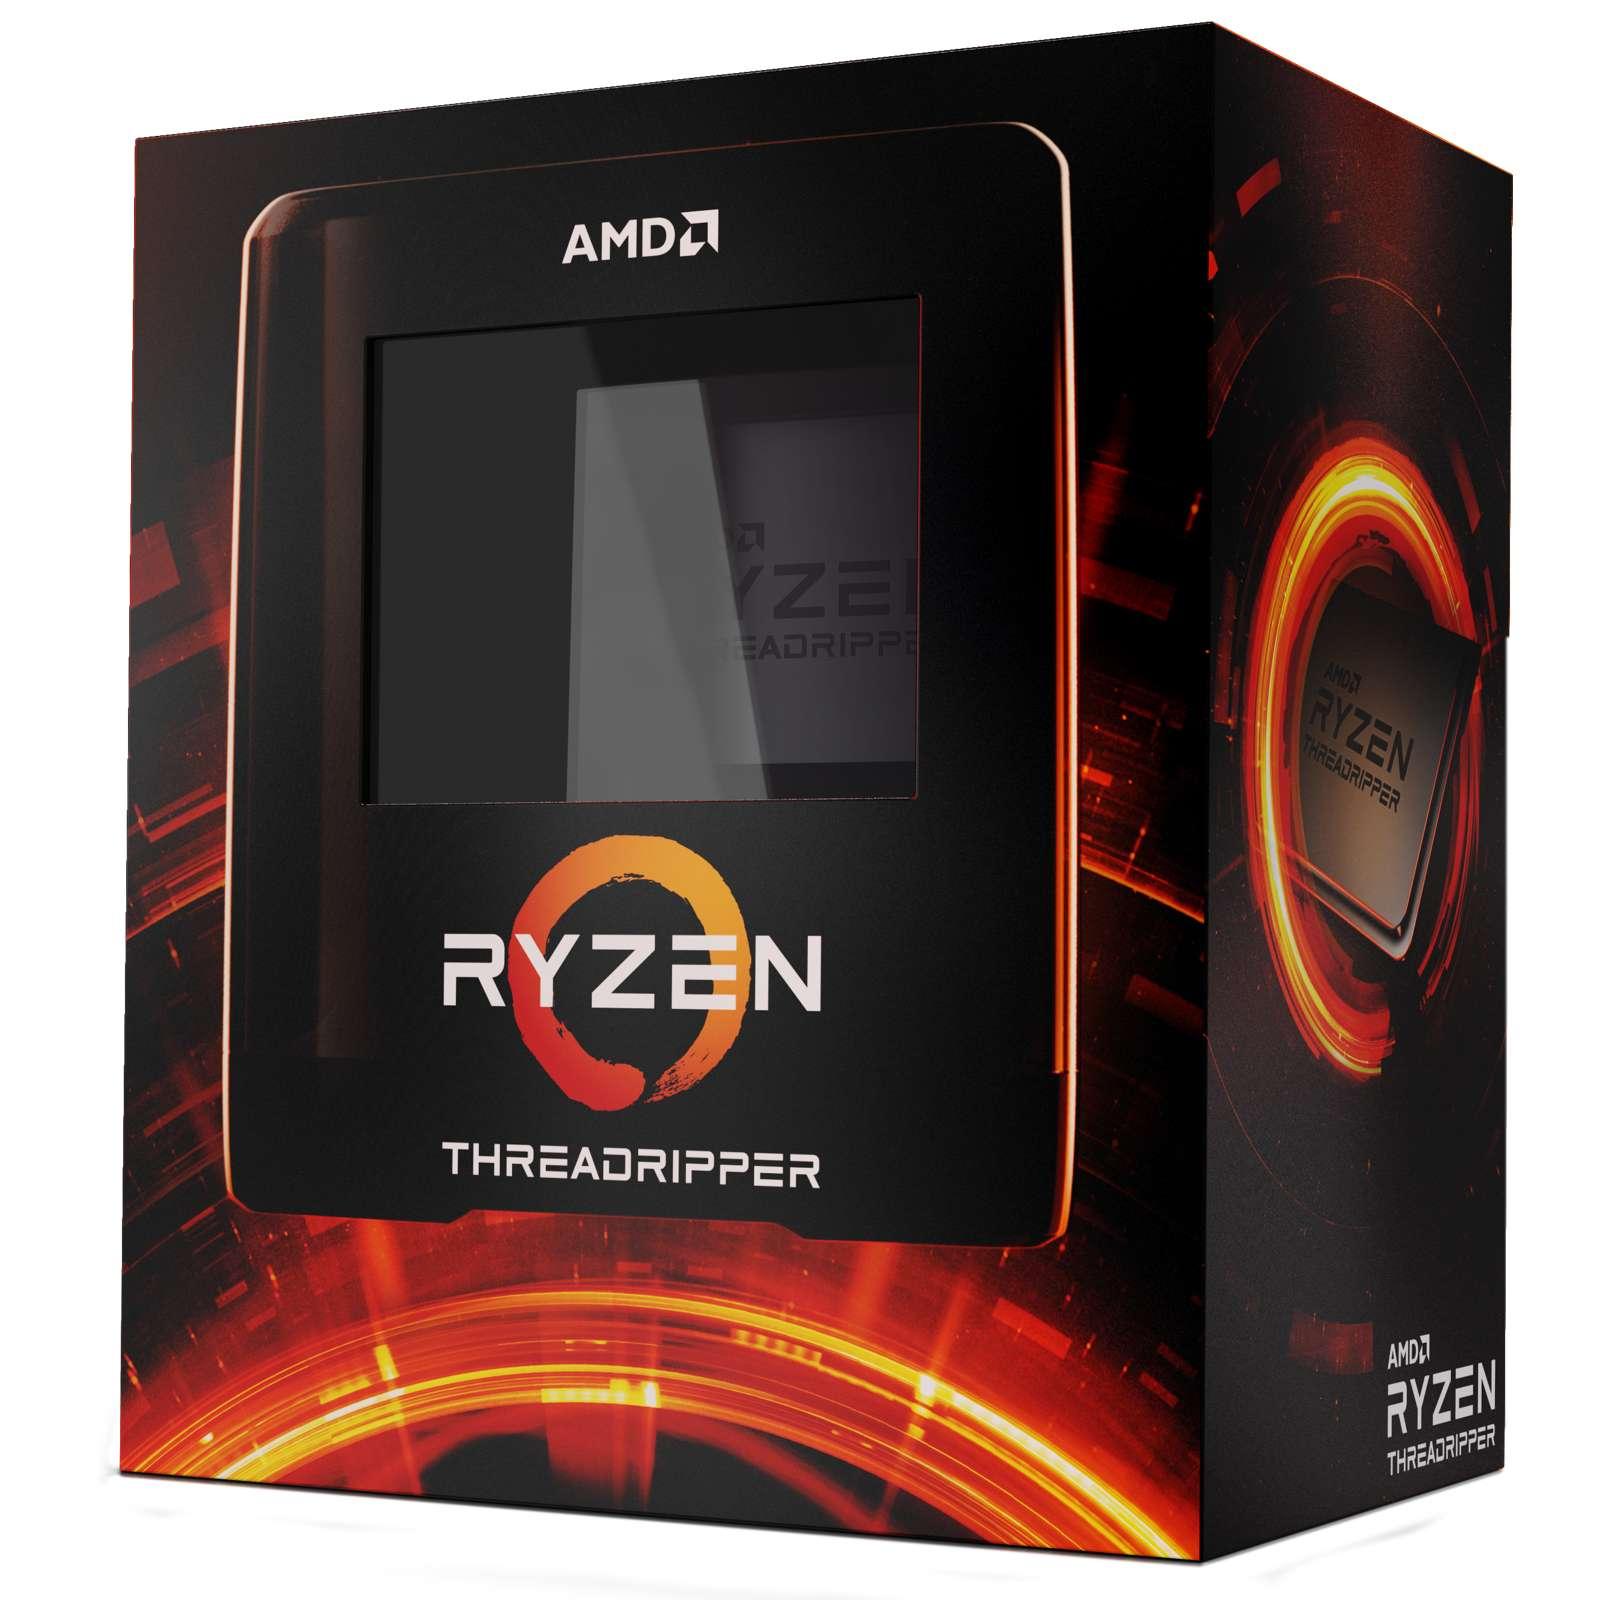 amd-ryzen-threadripper-3000-packaging_1